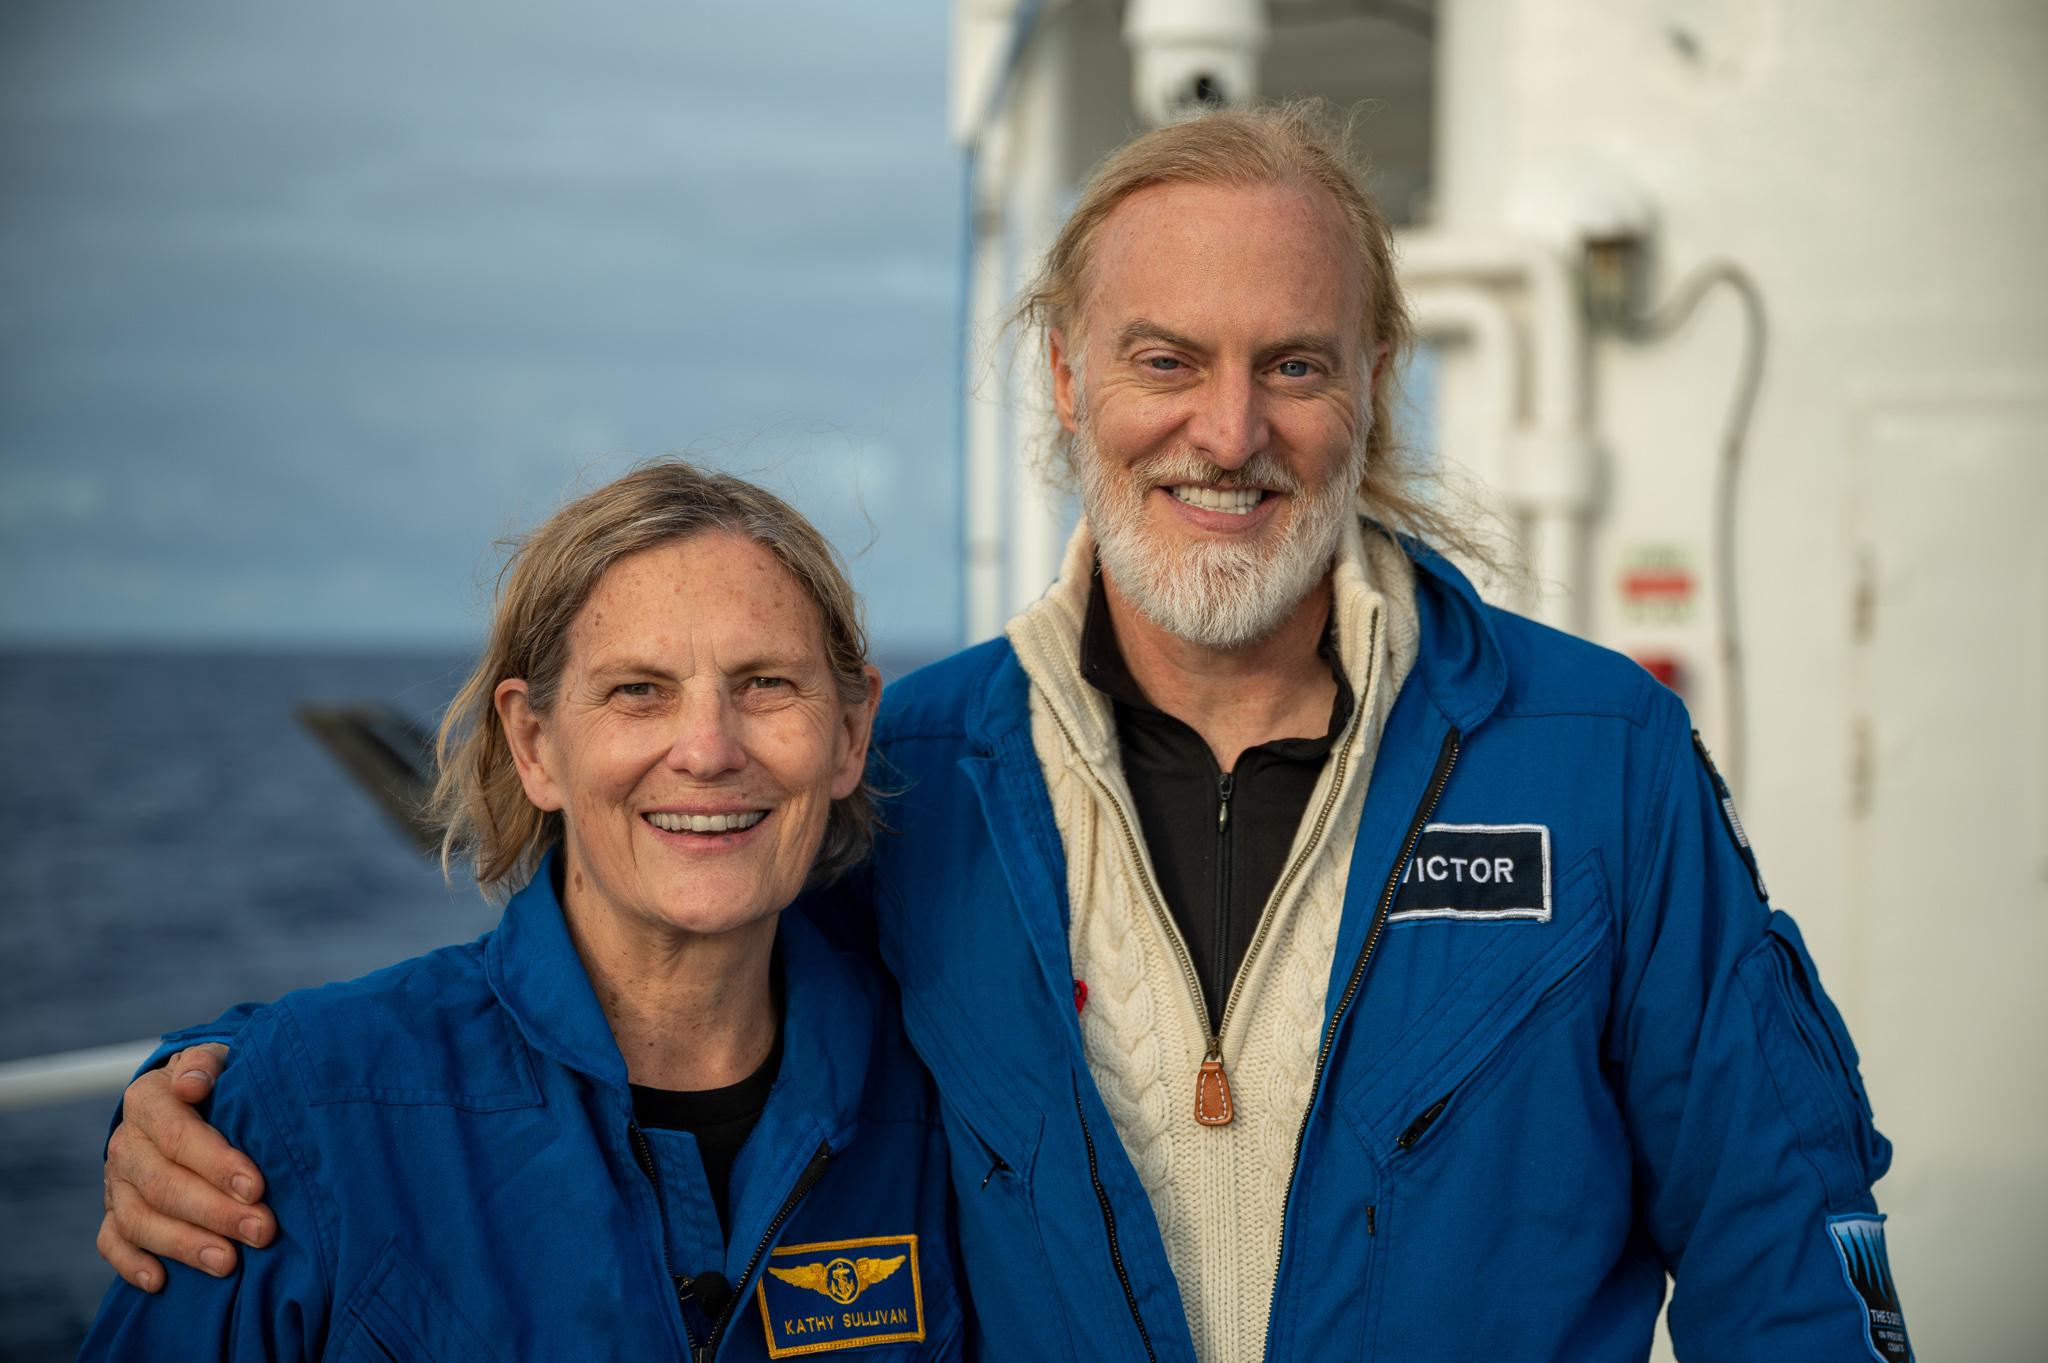 Απίστευτη! Η πρώτη γυναίκα στο διάστημα, έγινε και η πρώτη… και στο βαθύτερο σημείο των ωκεανών! (pic)